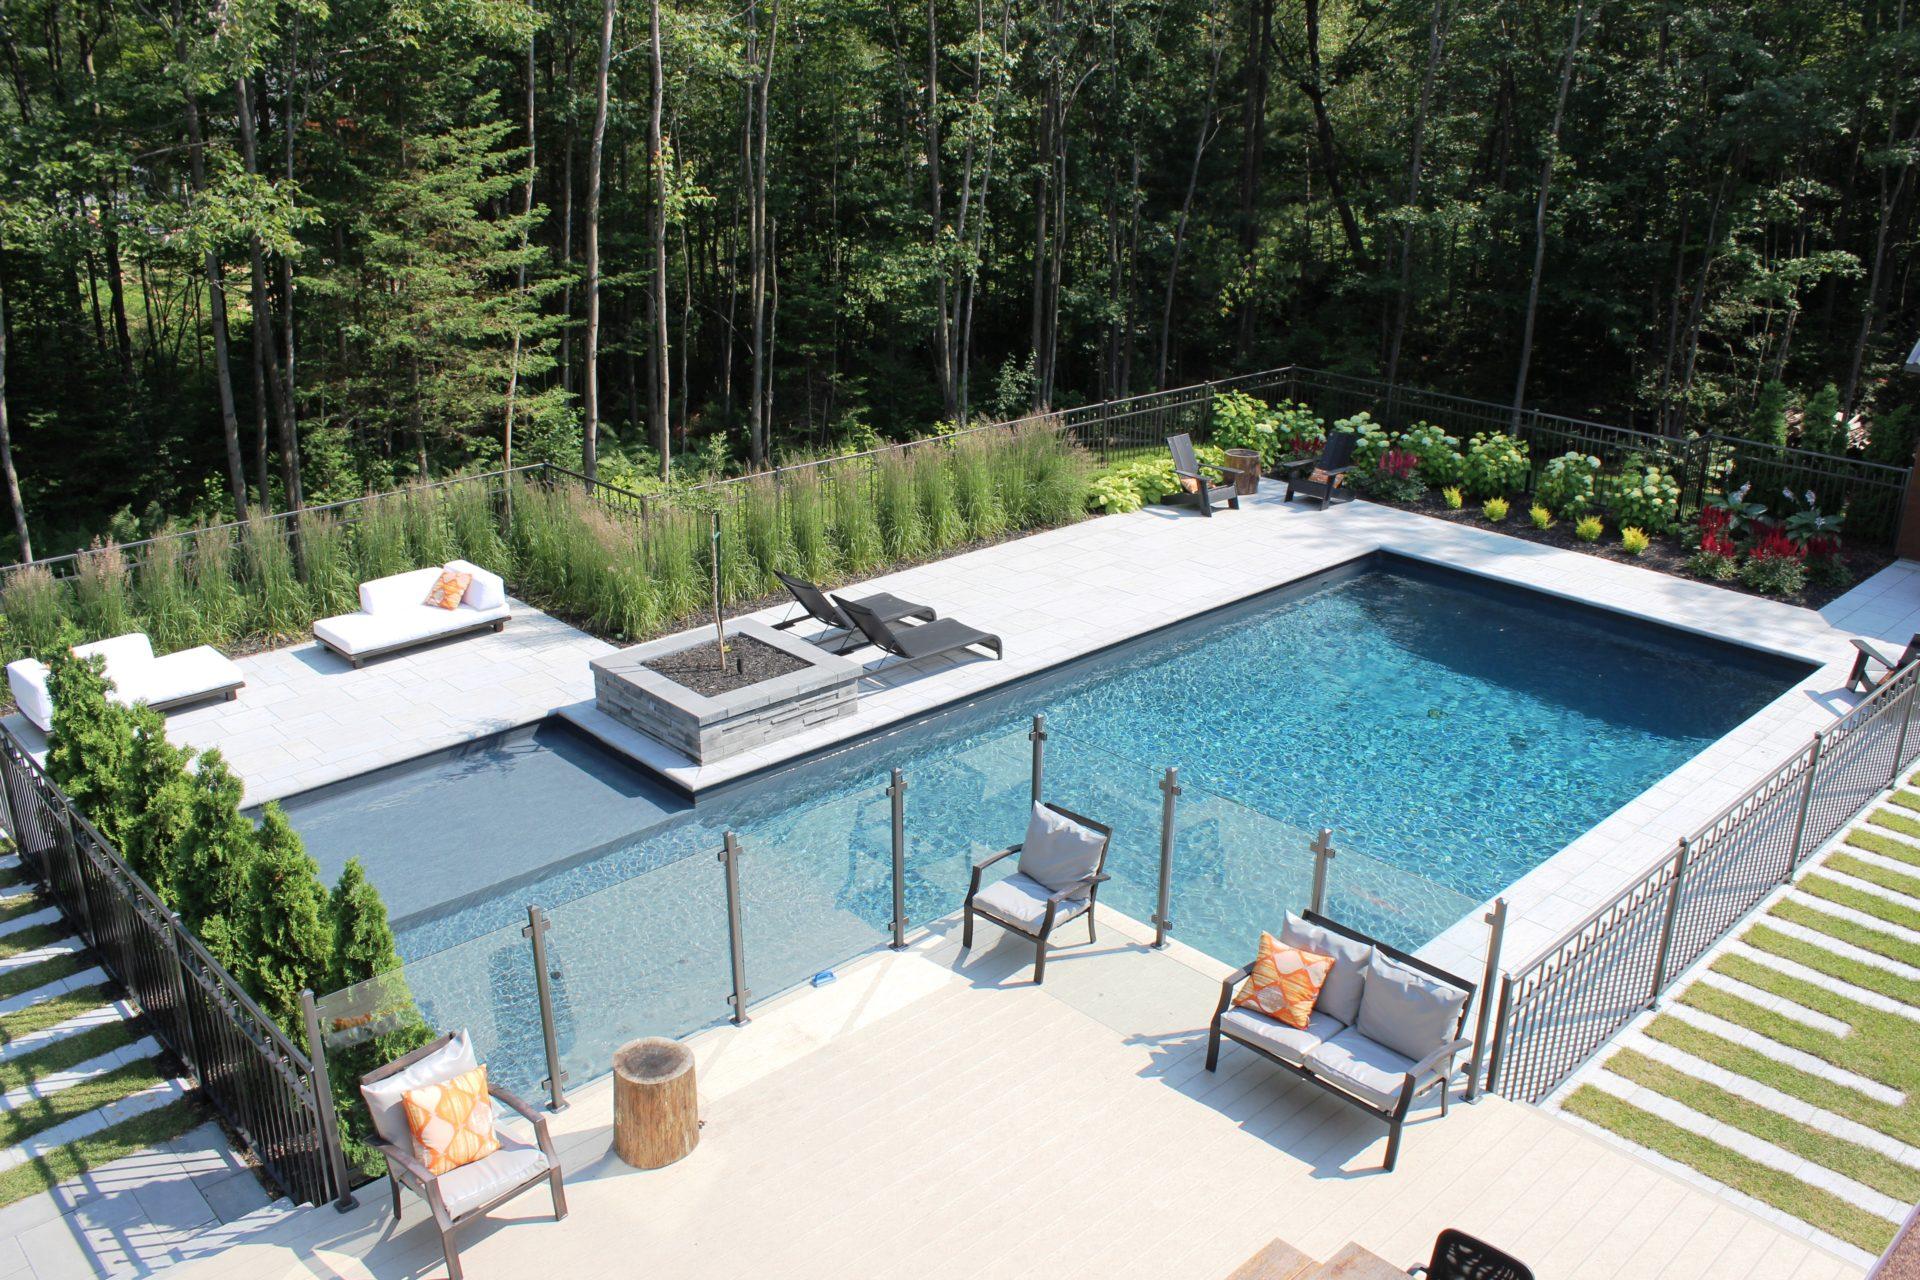 Ce qu 39 il faut savoir avant d 39 implanter une piscine creus e contemporaine innovations paysag es - Amenagement exterieur piscine creusee ...